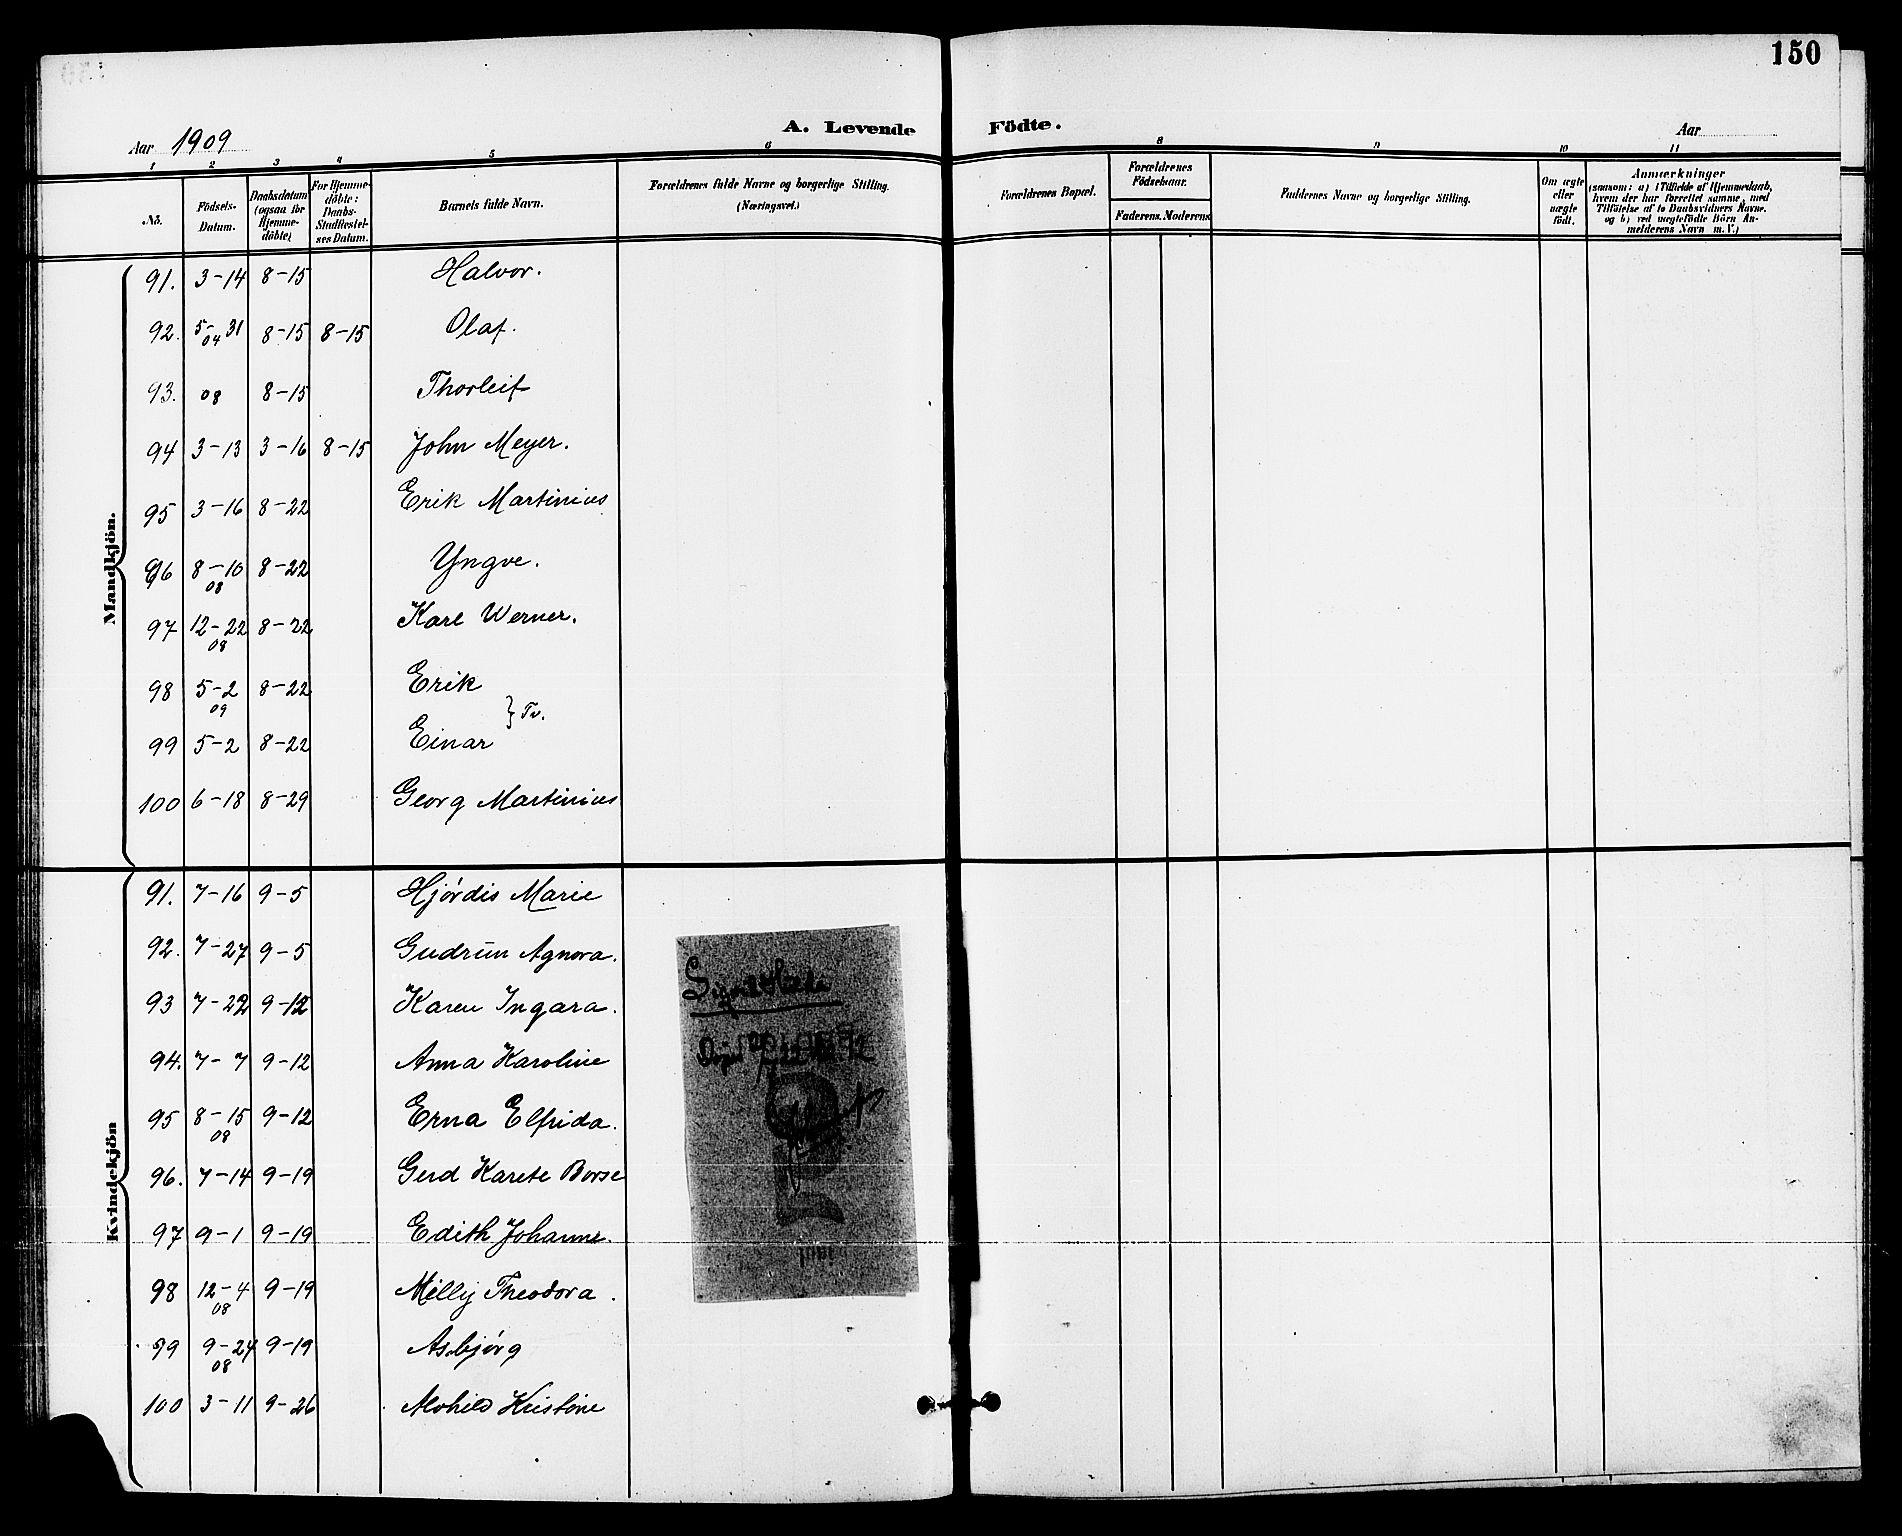 SAKO, Skien kirkebøker, G/Ga/L0008: Klokkerbok nr. 8, 1900-1910, s. 150